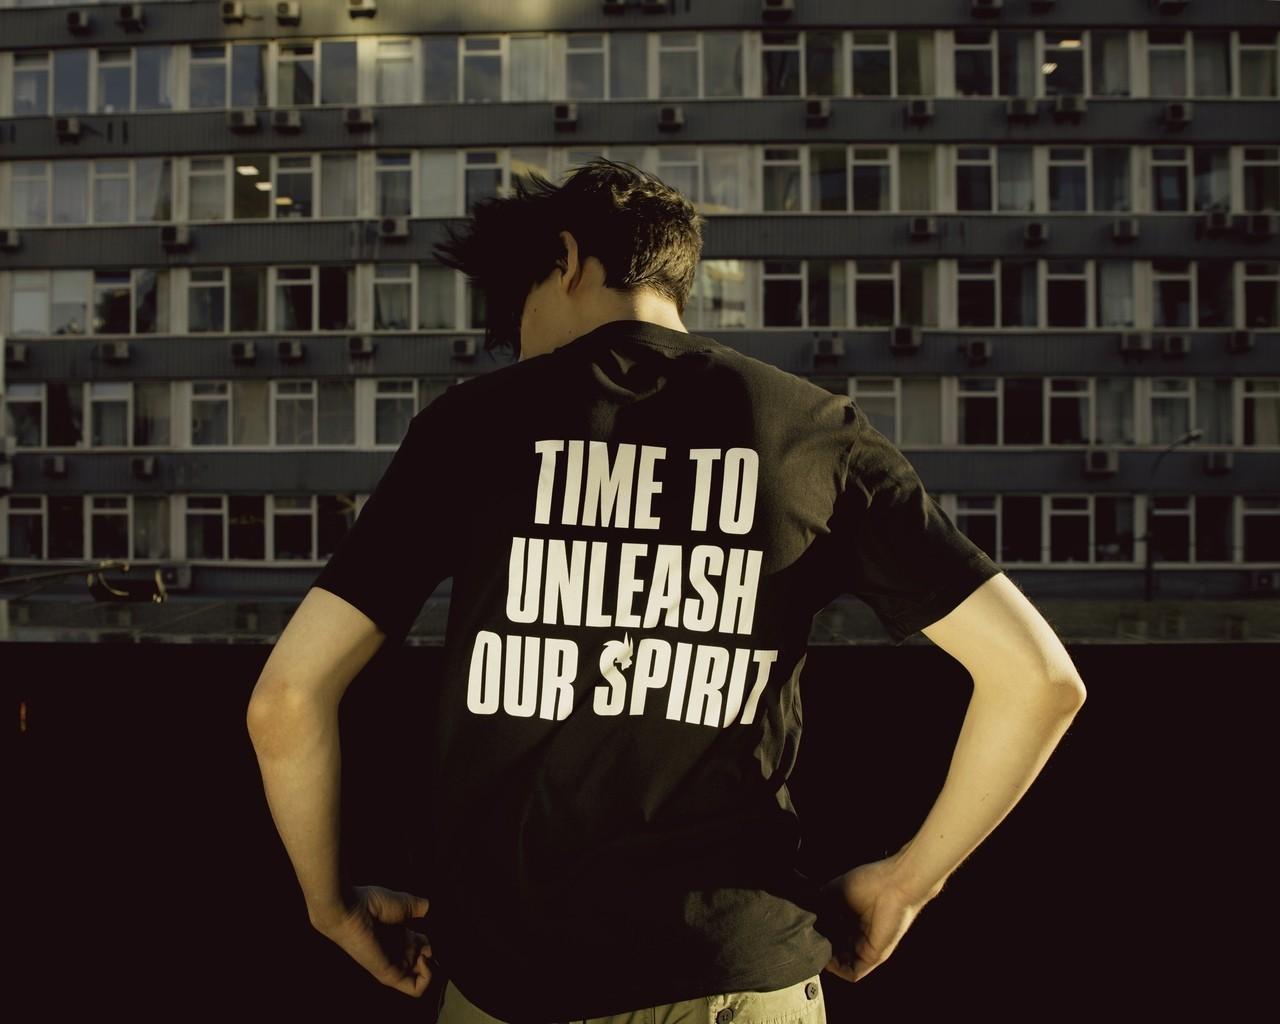 Team Spirit выпустила новую коллекцию мерча